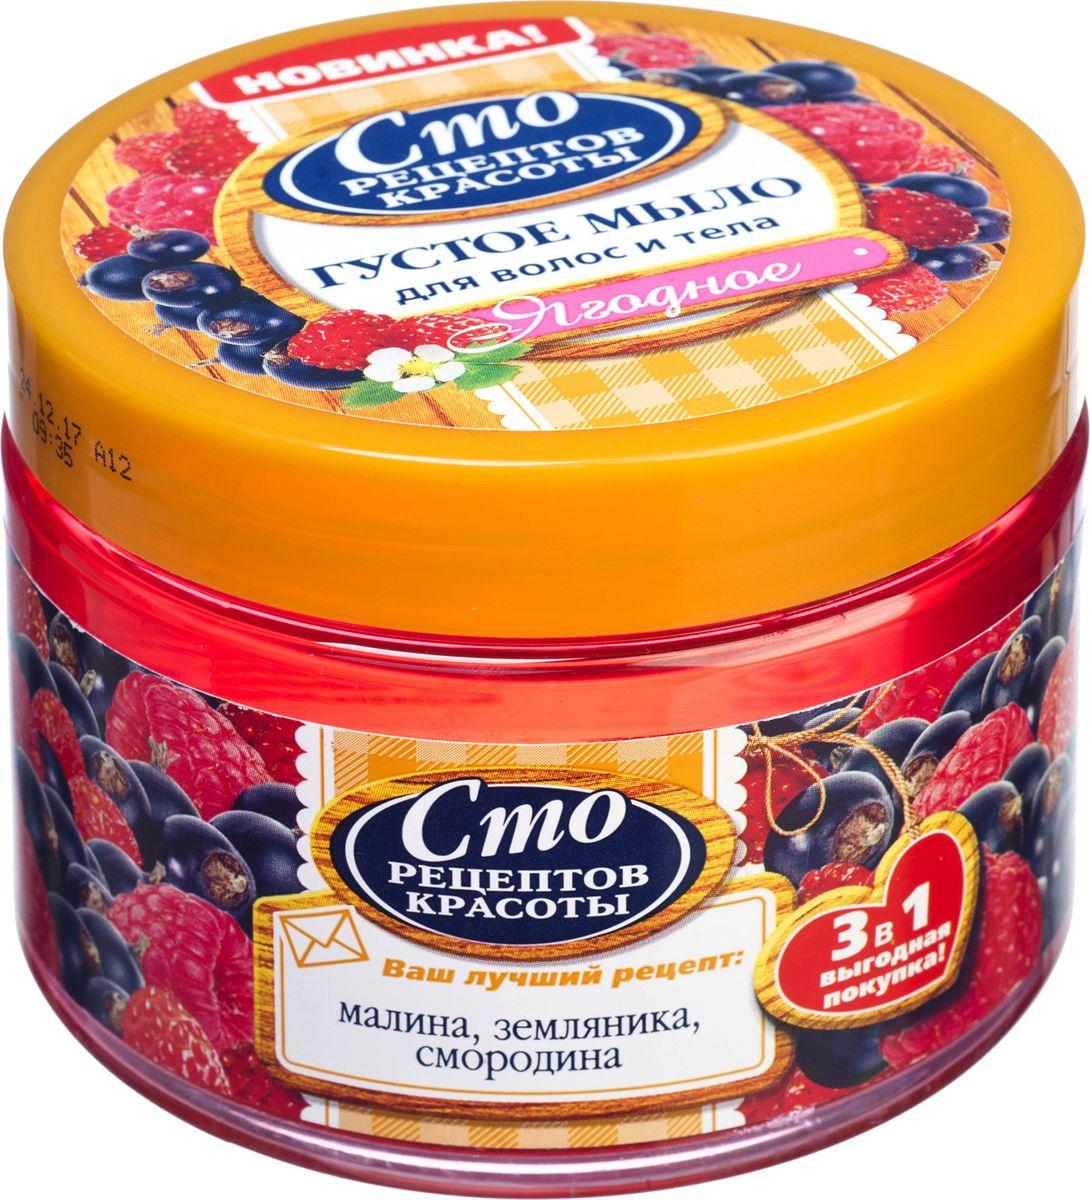 Сто рецептов красоты Густое мыло Ягодное 400 мл1102584002Существует множество домашних рецептов мыловарения, которые использовали женщины, обогащая мыло полезными маслами, ягодами и травами. Ваши лучшие рецепты домашнего мыловарения мы воплотили в густом мыле Ягодное, которое является универсальным средством по уходу за волосами, кожей рук и тела. Оно бережно ухаживает за Вашими волосами, идеально очищает кожу и при этом не сушит ее. Густое мыло Сто рецептов красоты с малиной, земляникой и смородиной - это выгодная покупка универсального средства для очищения!